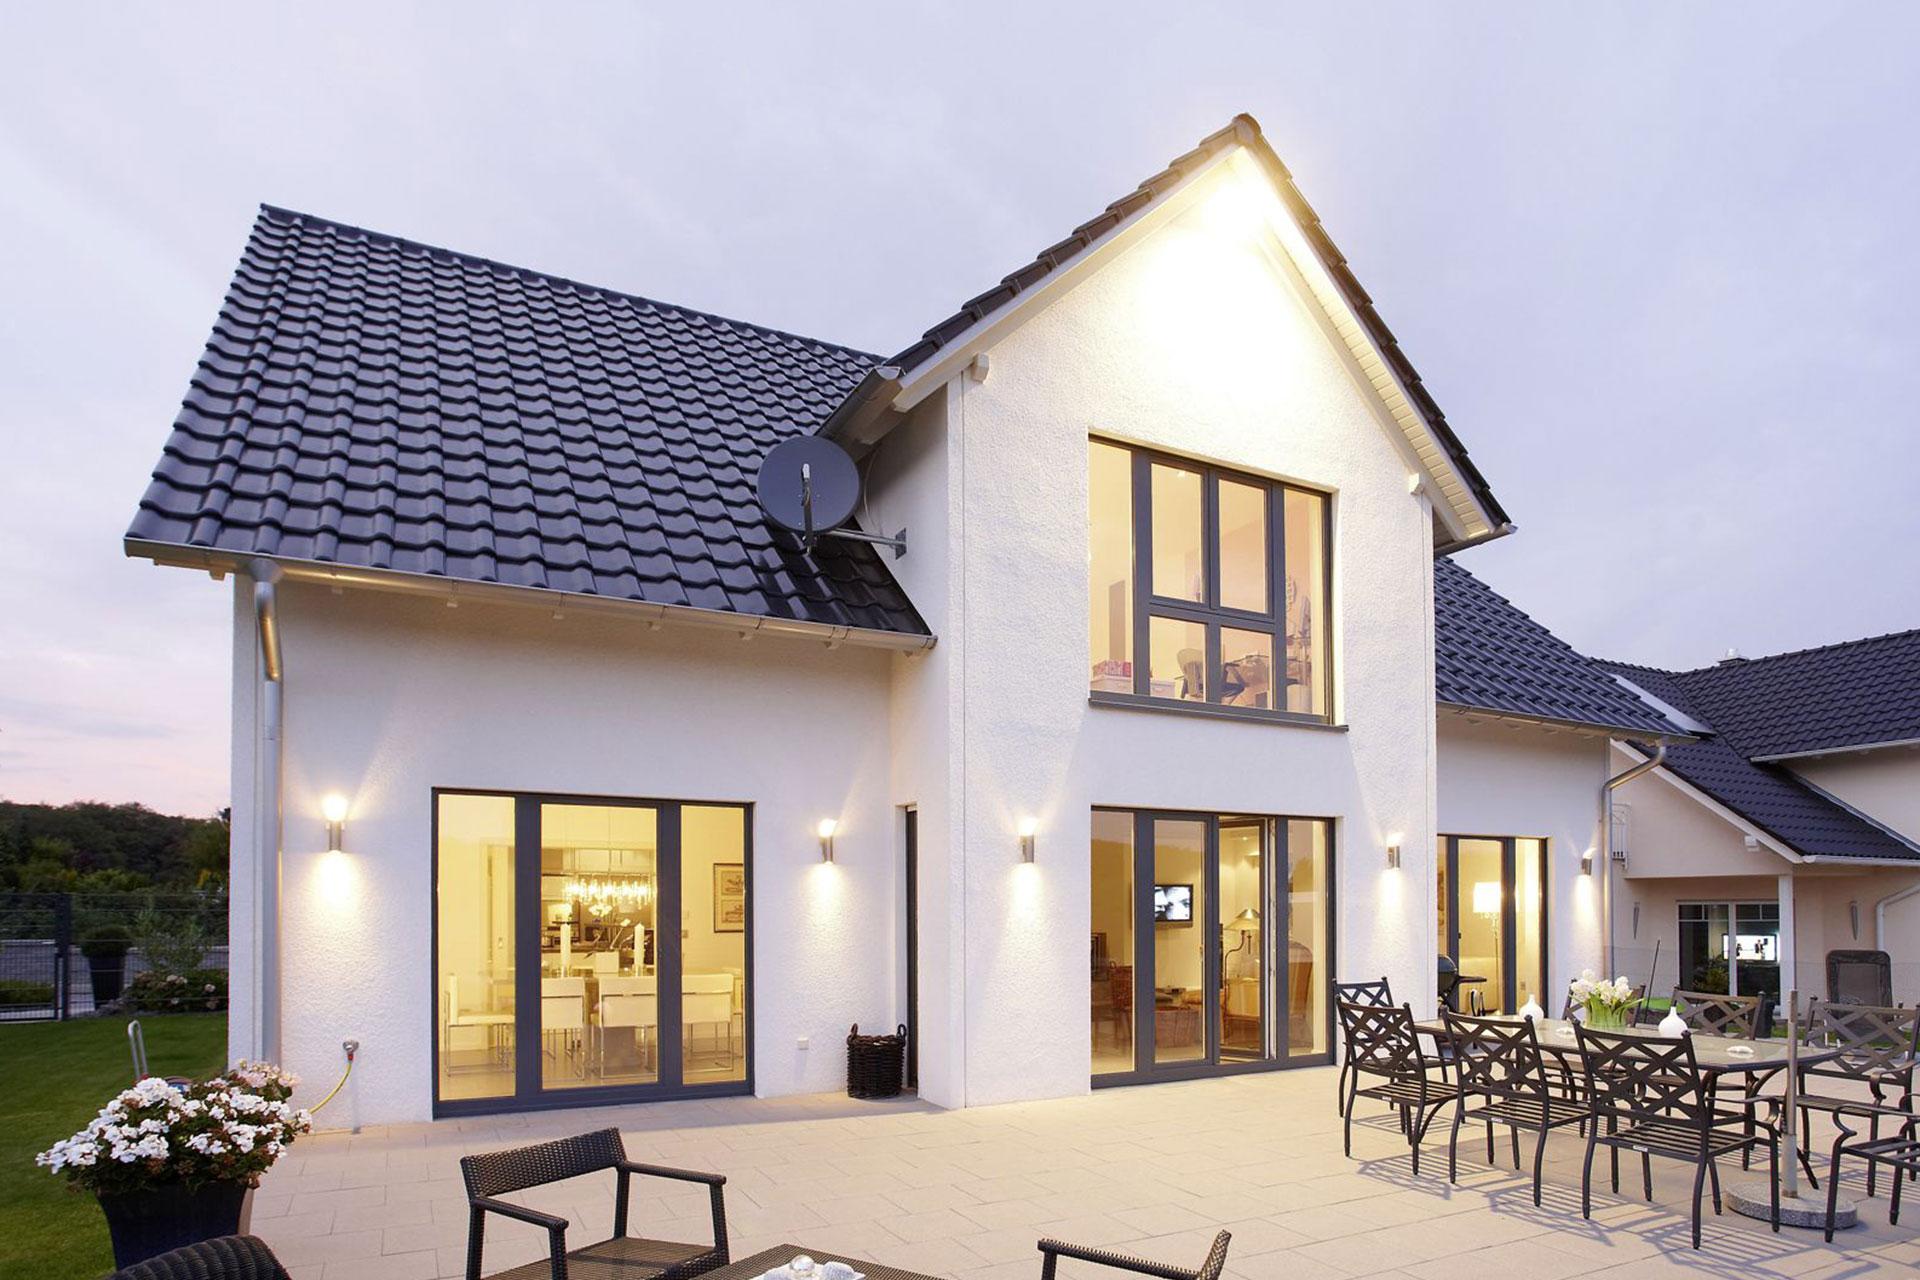 Individuelles Einfamilienhaus mit 4 Kinderzimmern - Modell ...